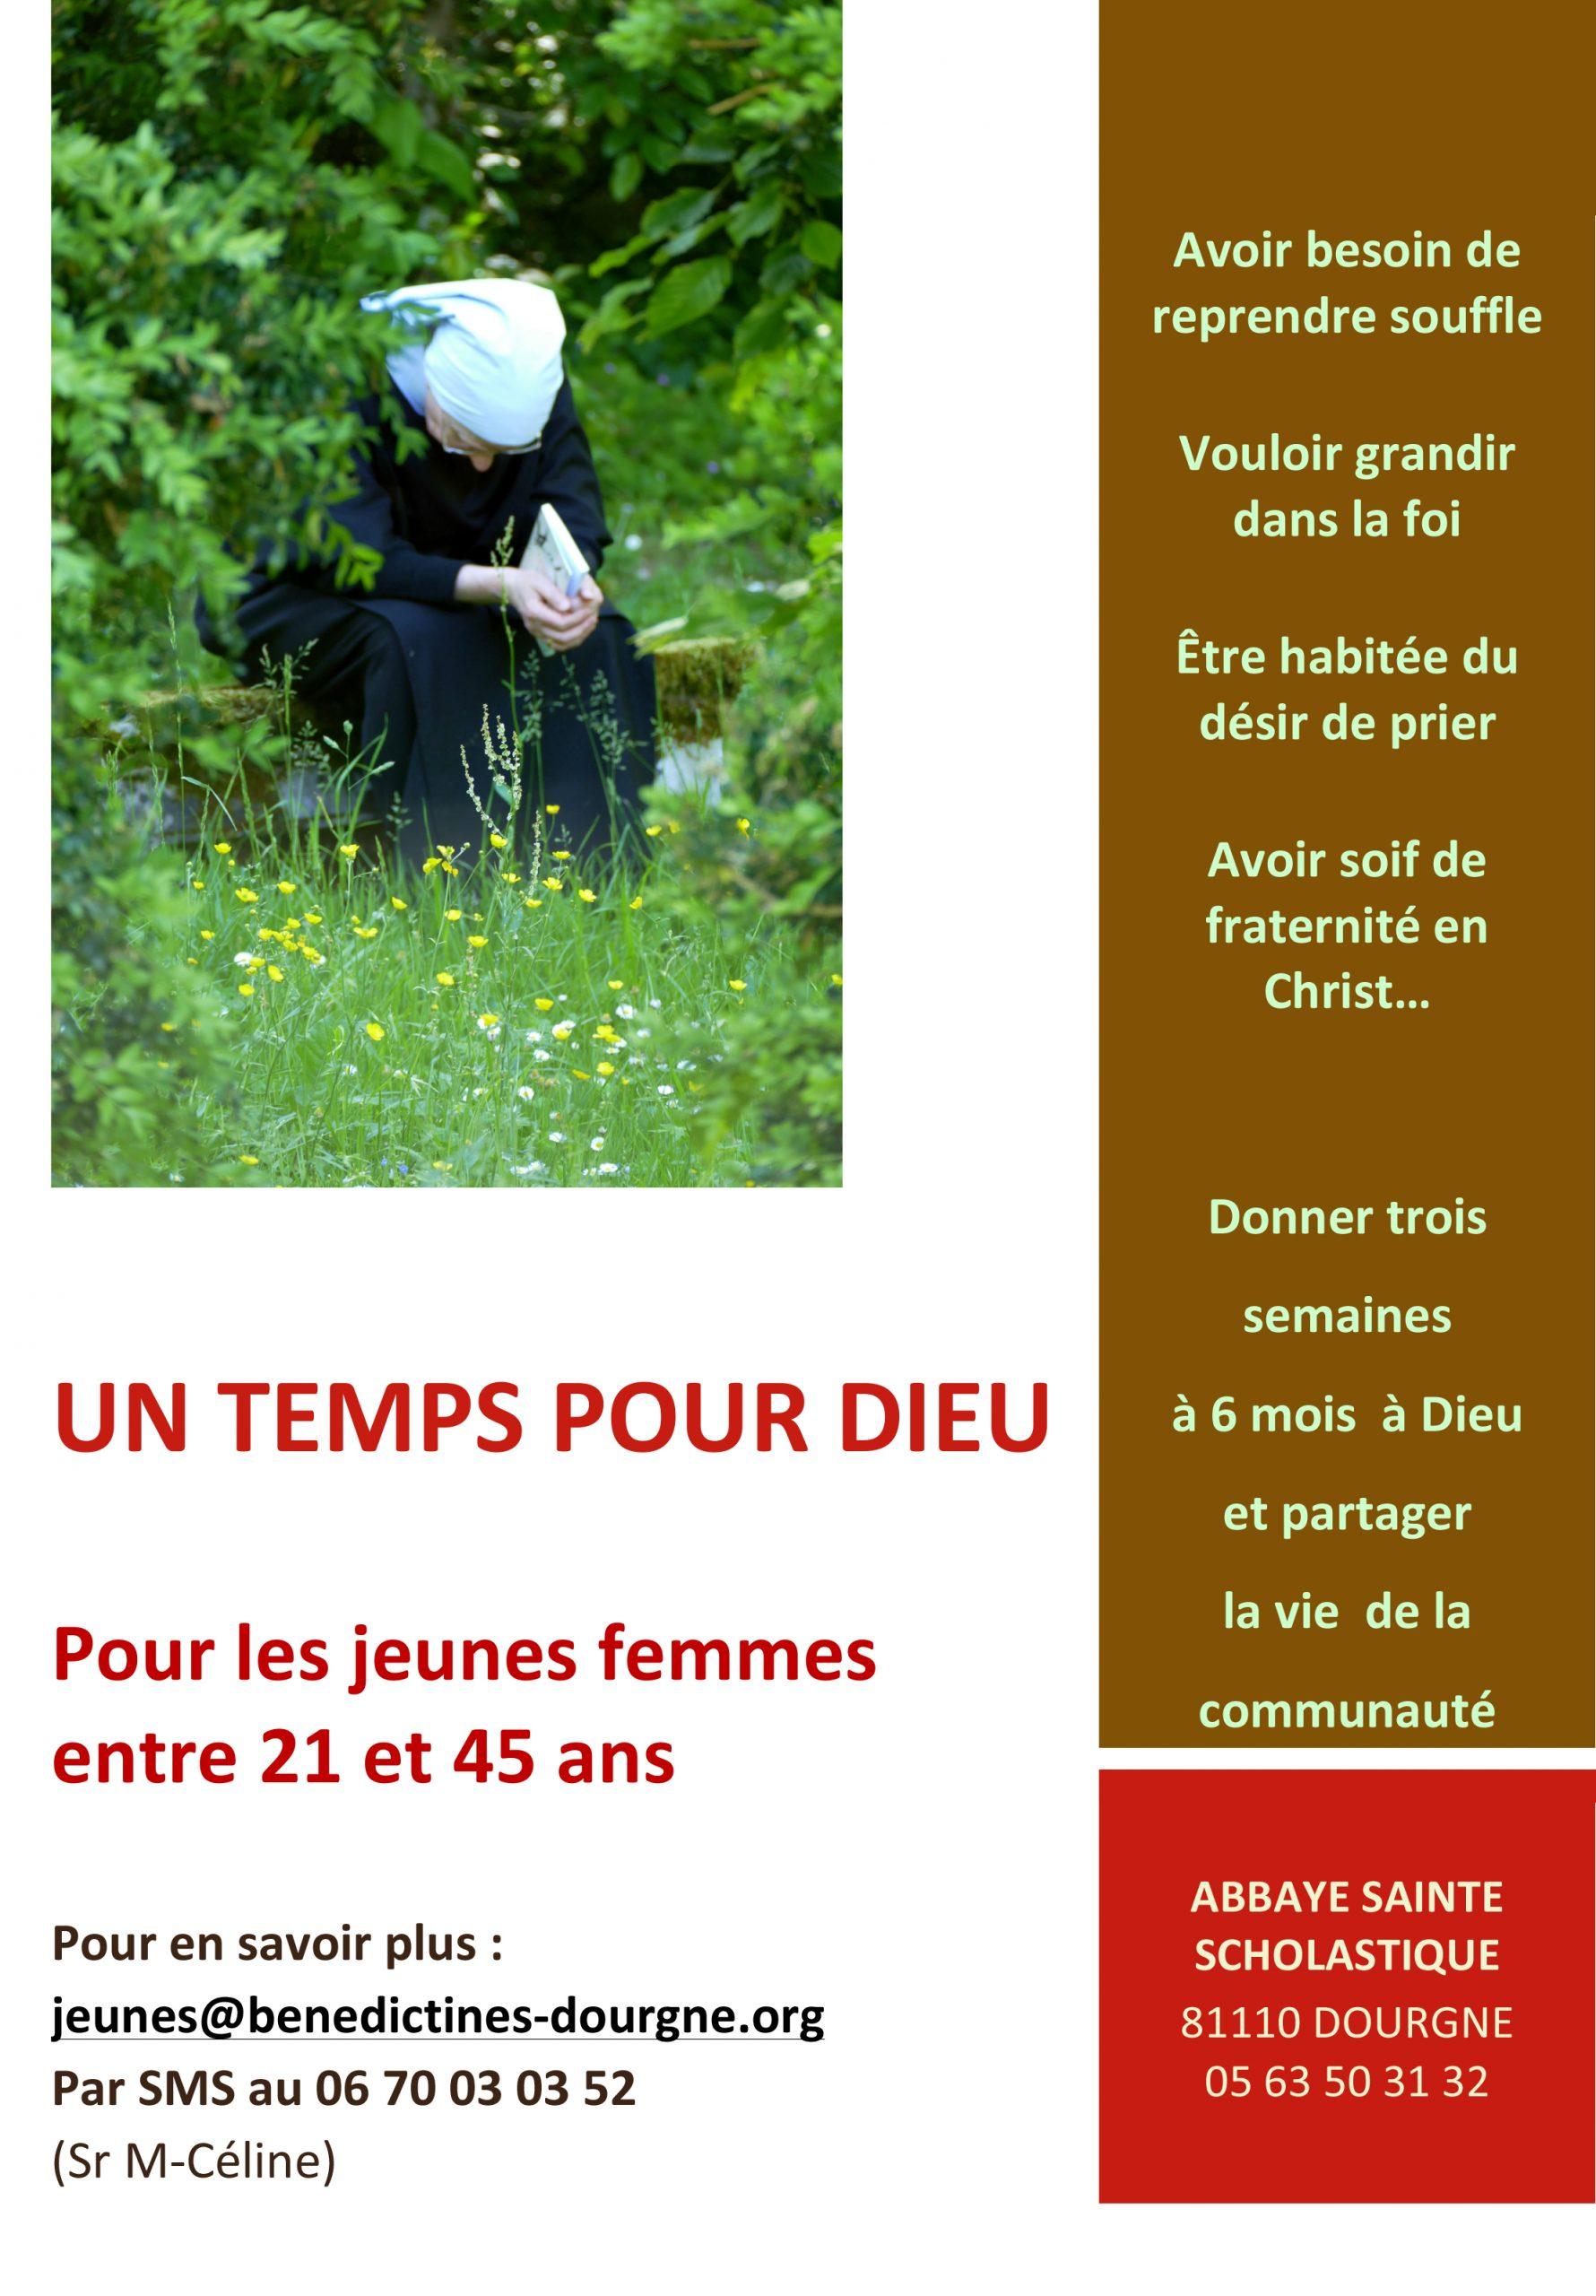 Un temps pour Dieu à l'Abbaye bénédictine de Dourgne